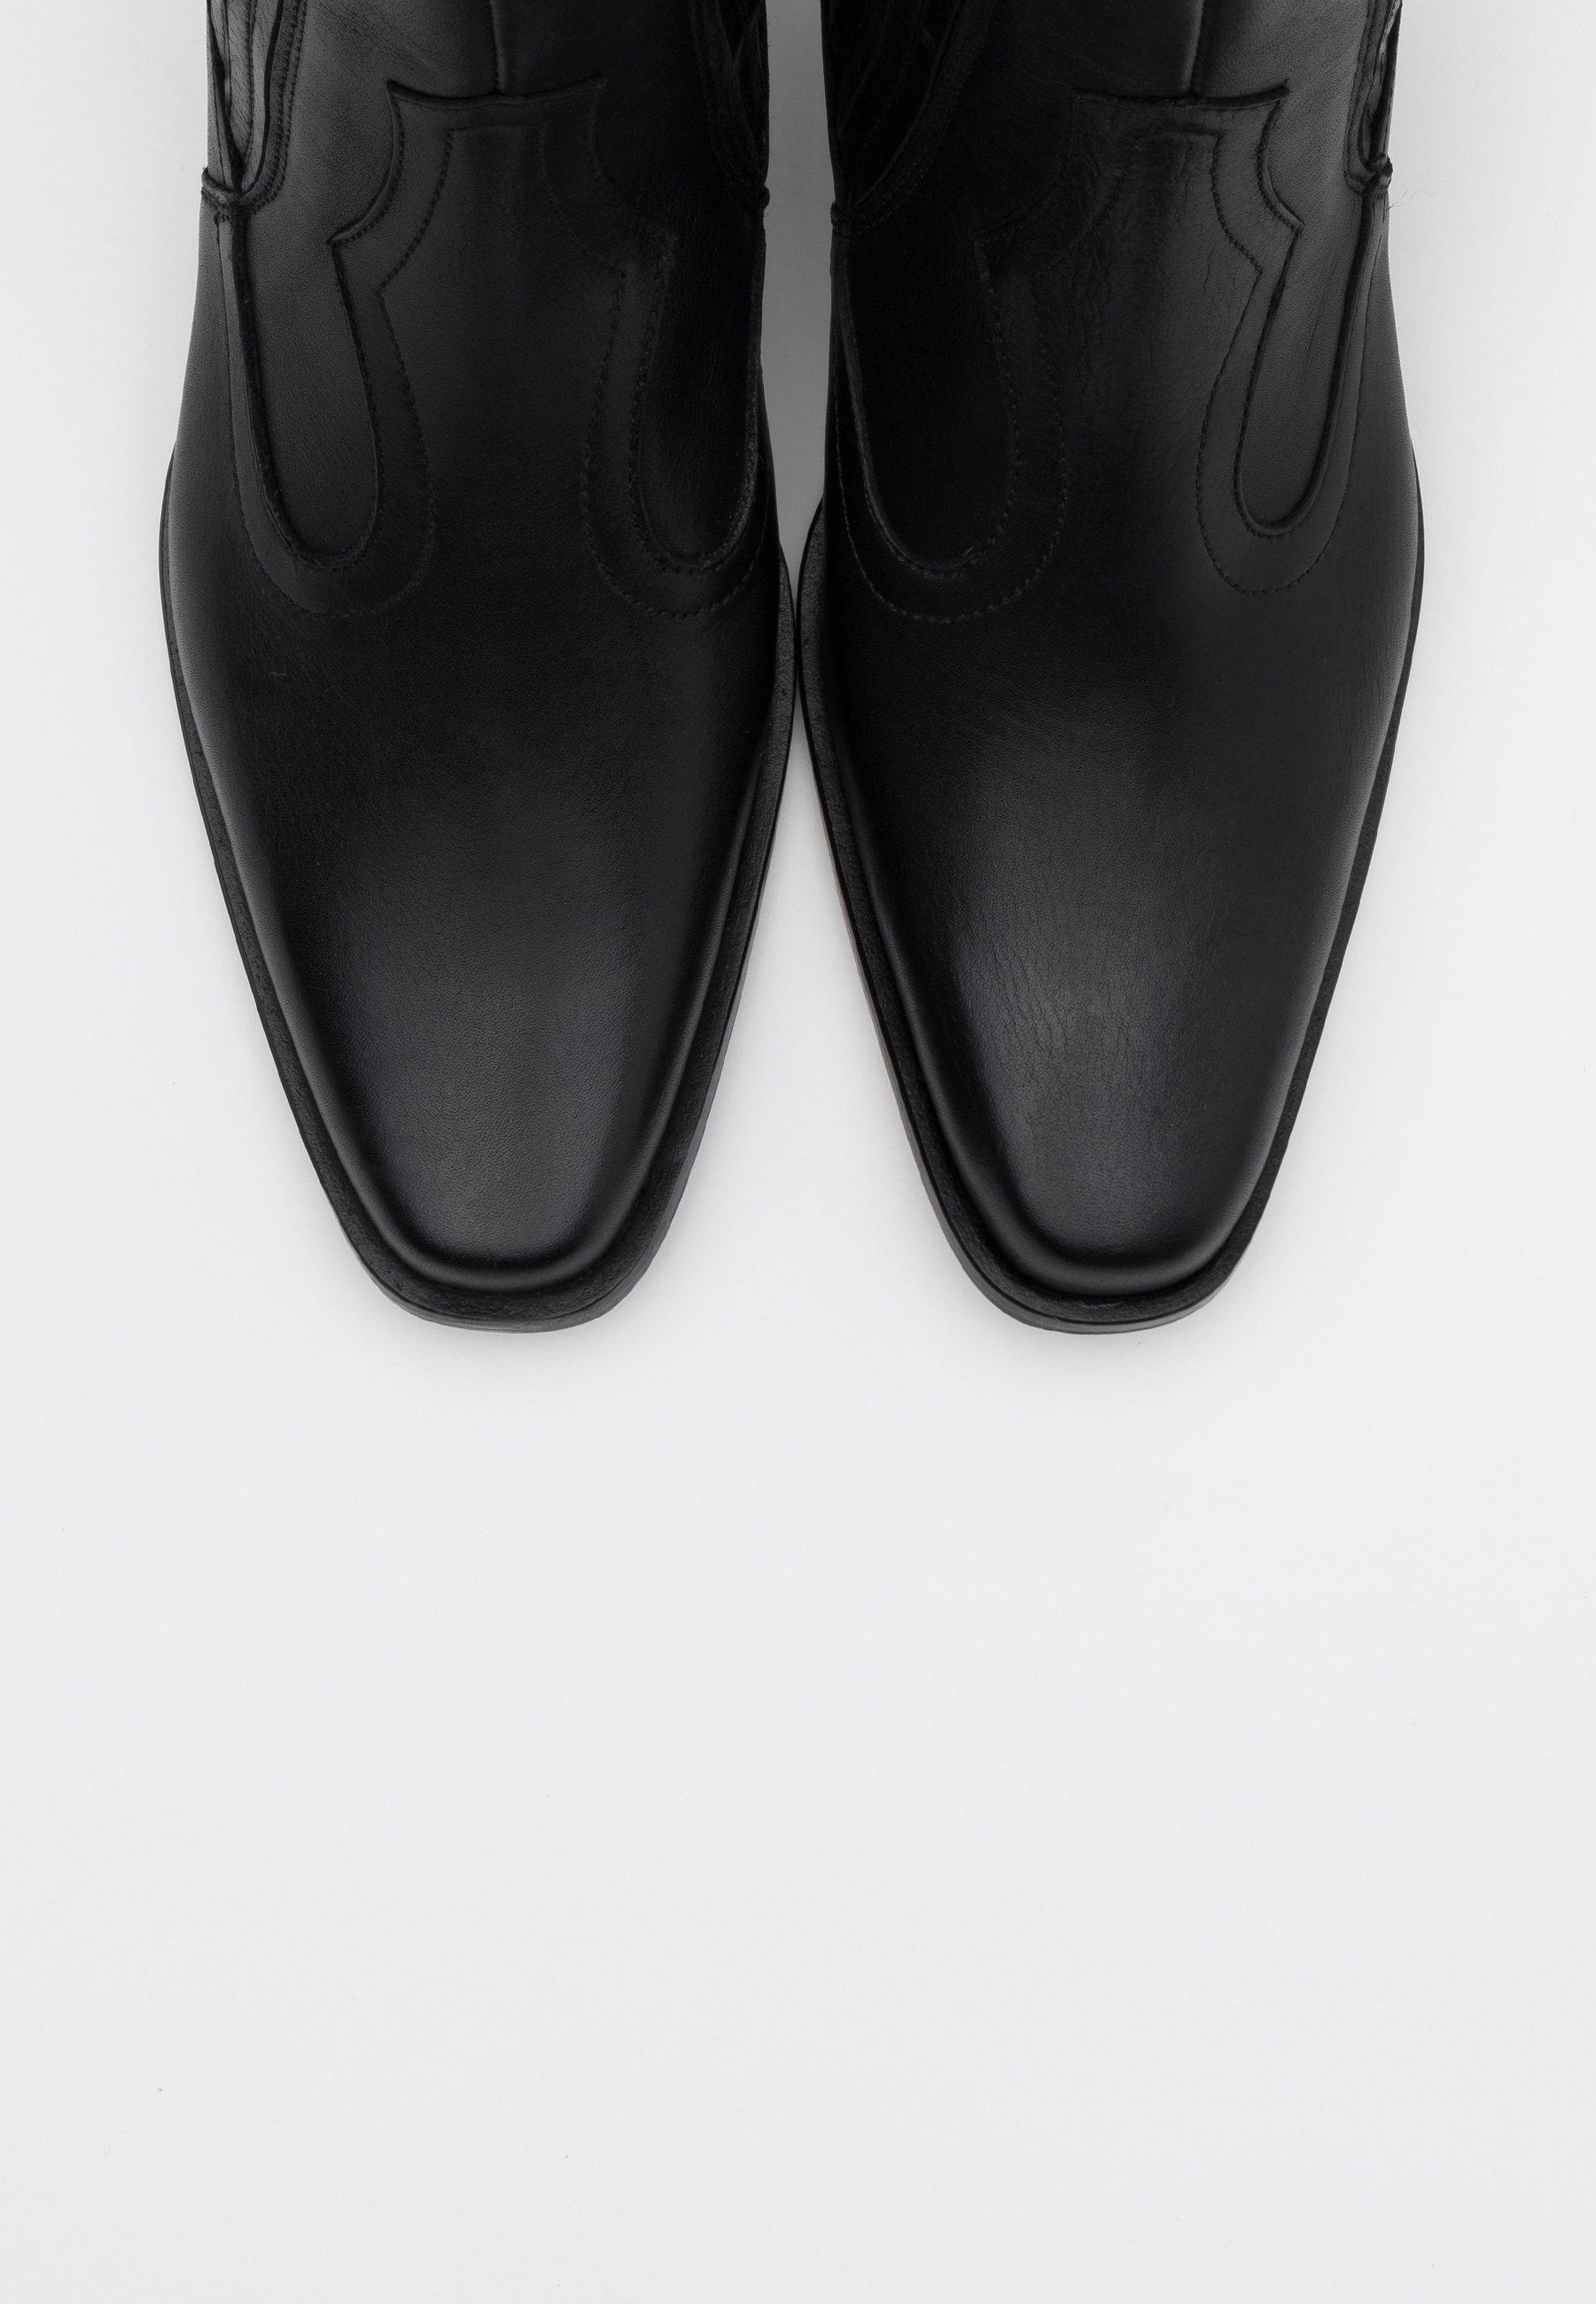 Toral Cowboystøvletter - Black/svart